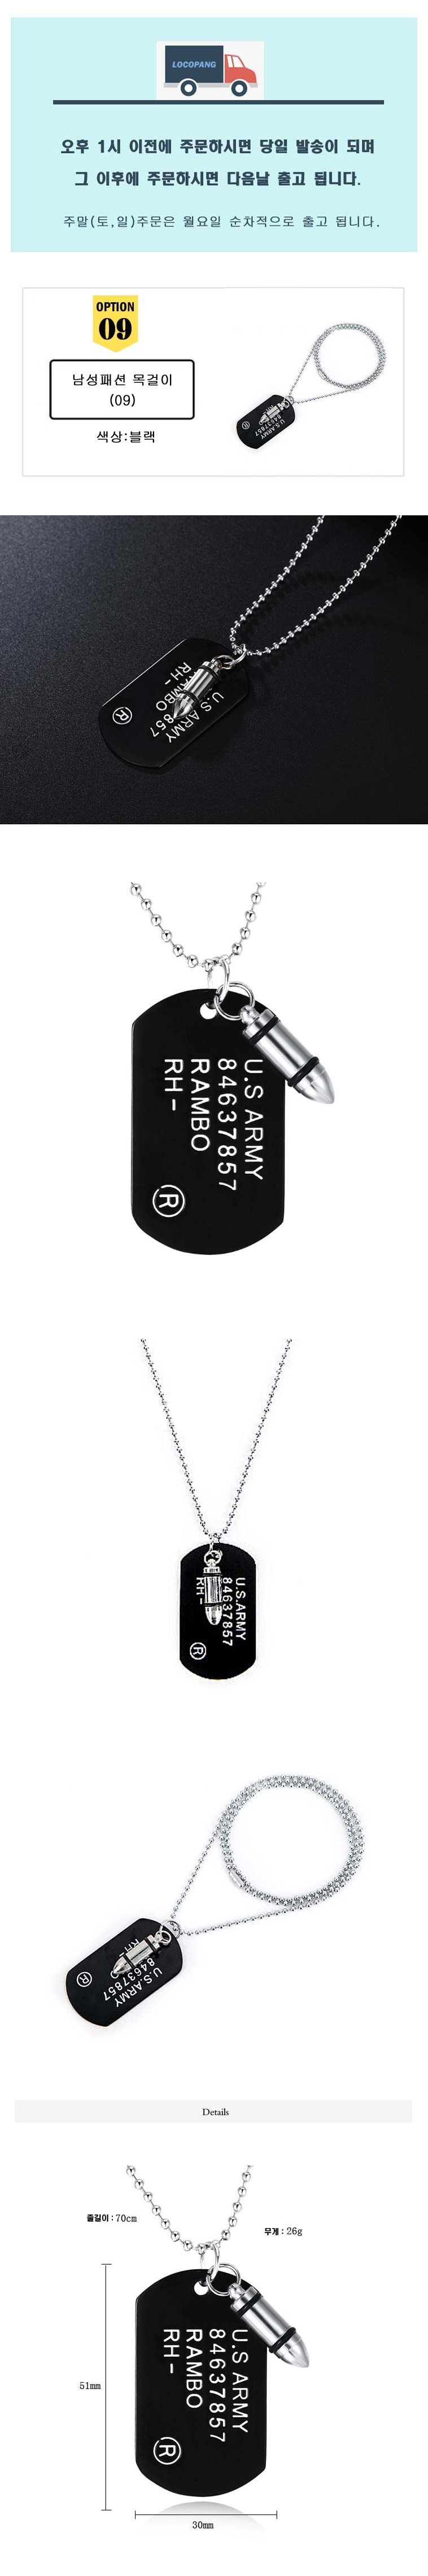 남성패션 목걸이 (9) - 로꼬팡, 8,900원, 패션, 패션목걸이